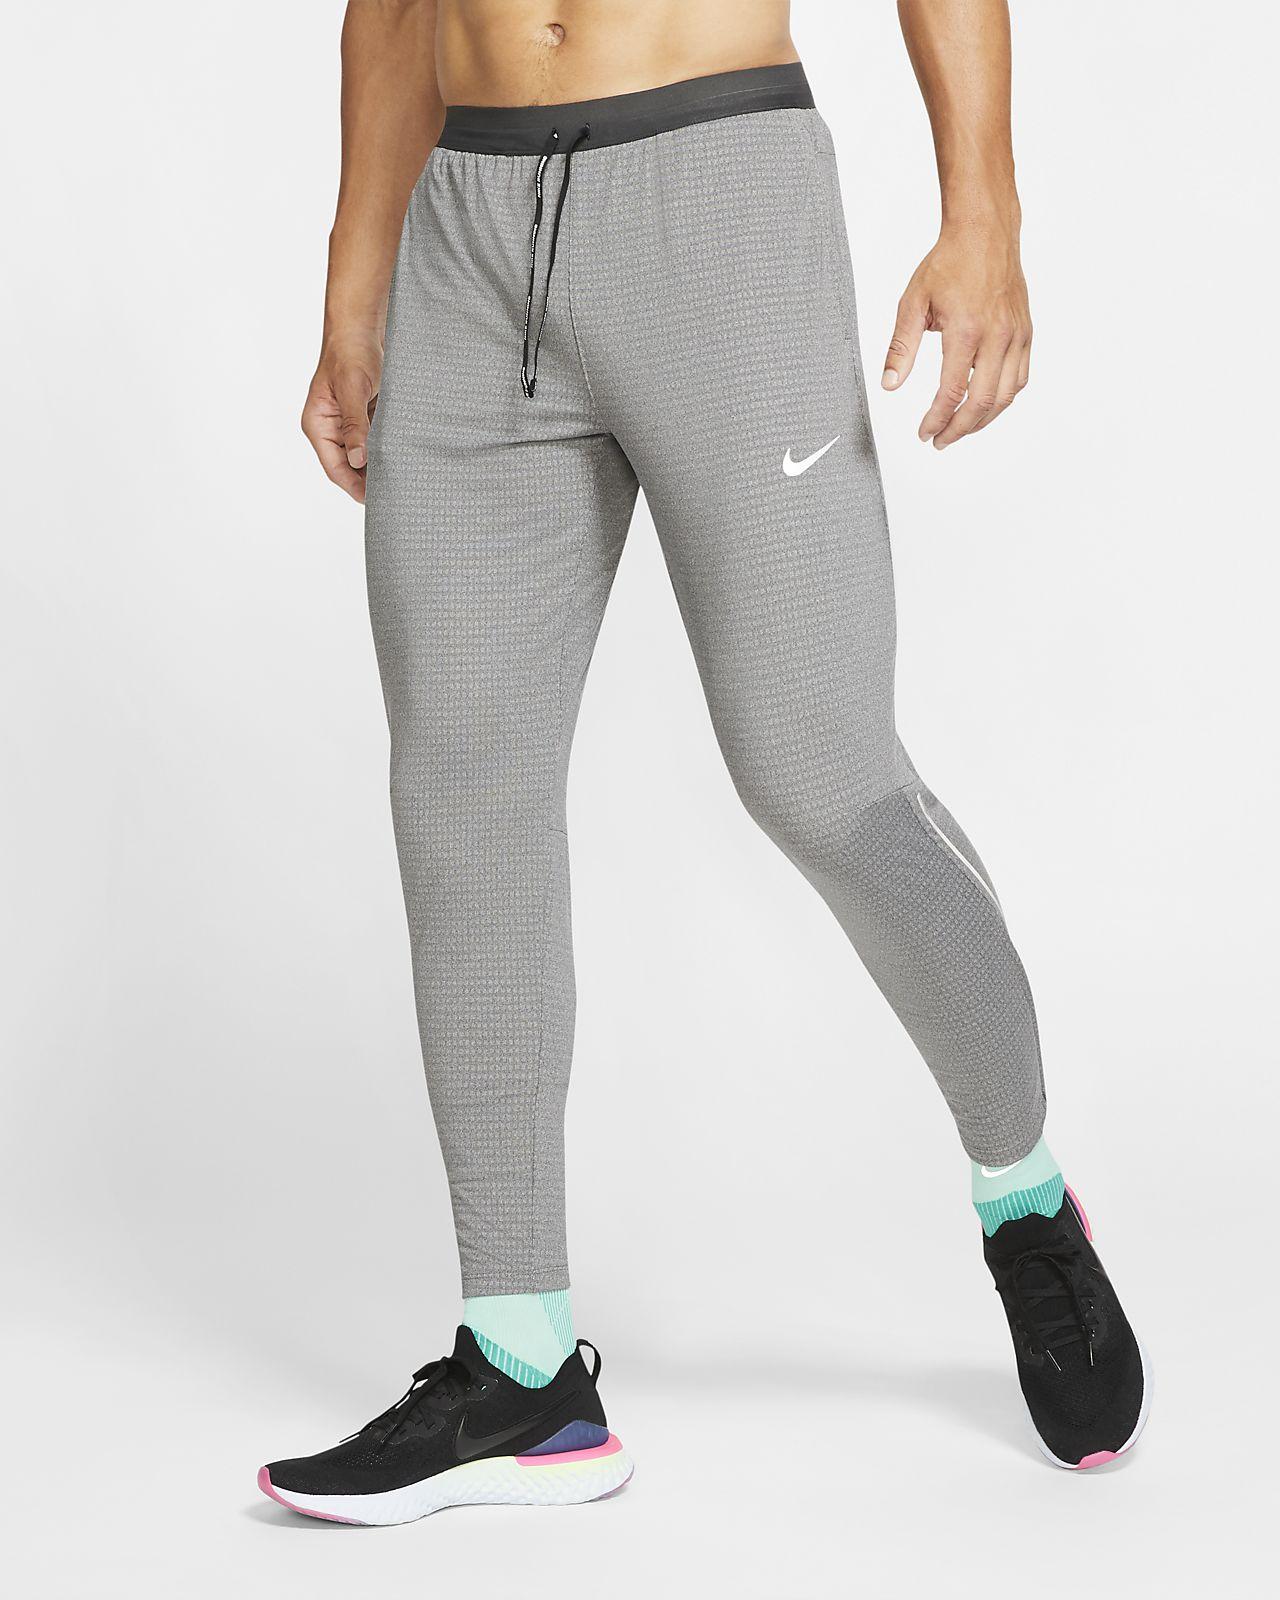 Vävda löparbyxor Nike Phenom för män